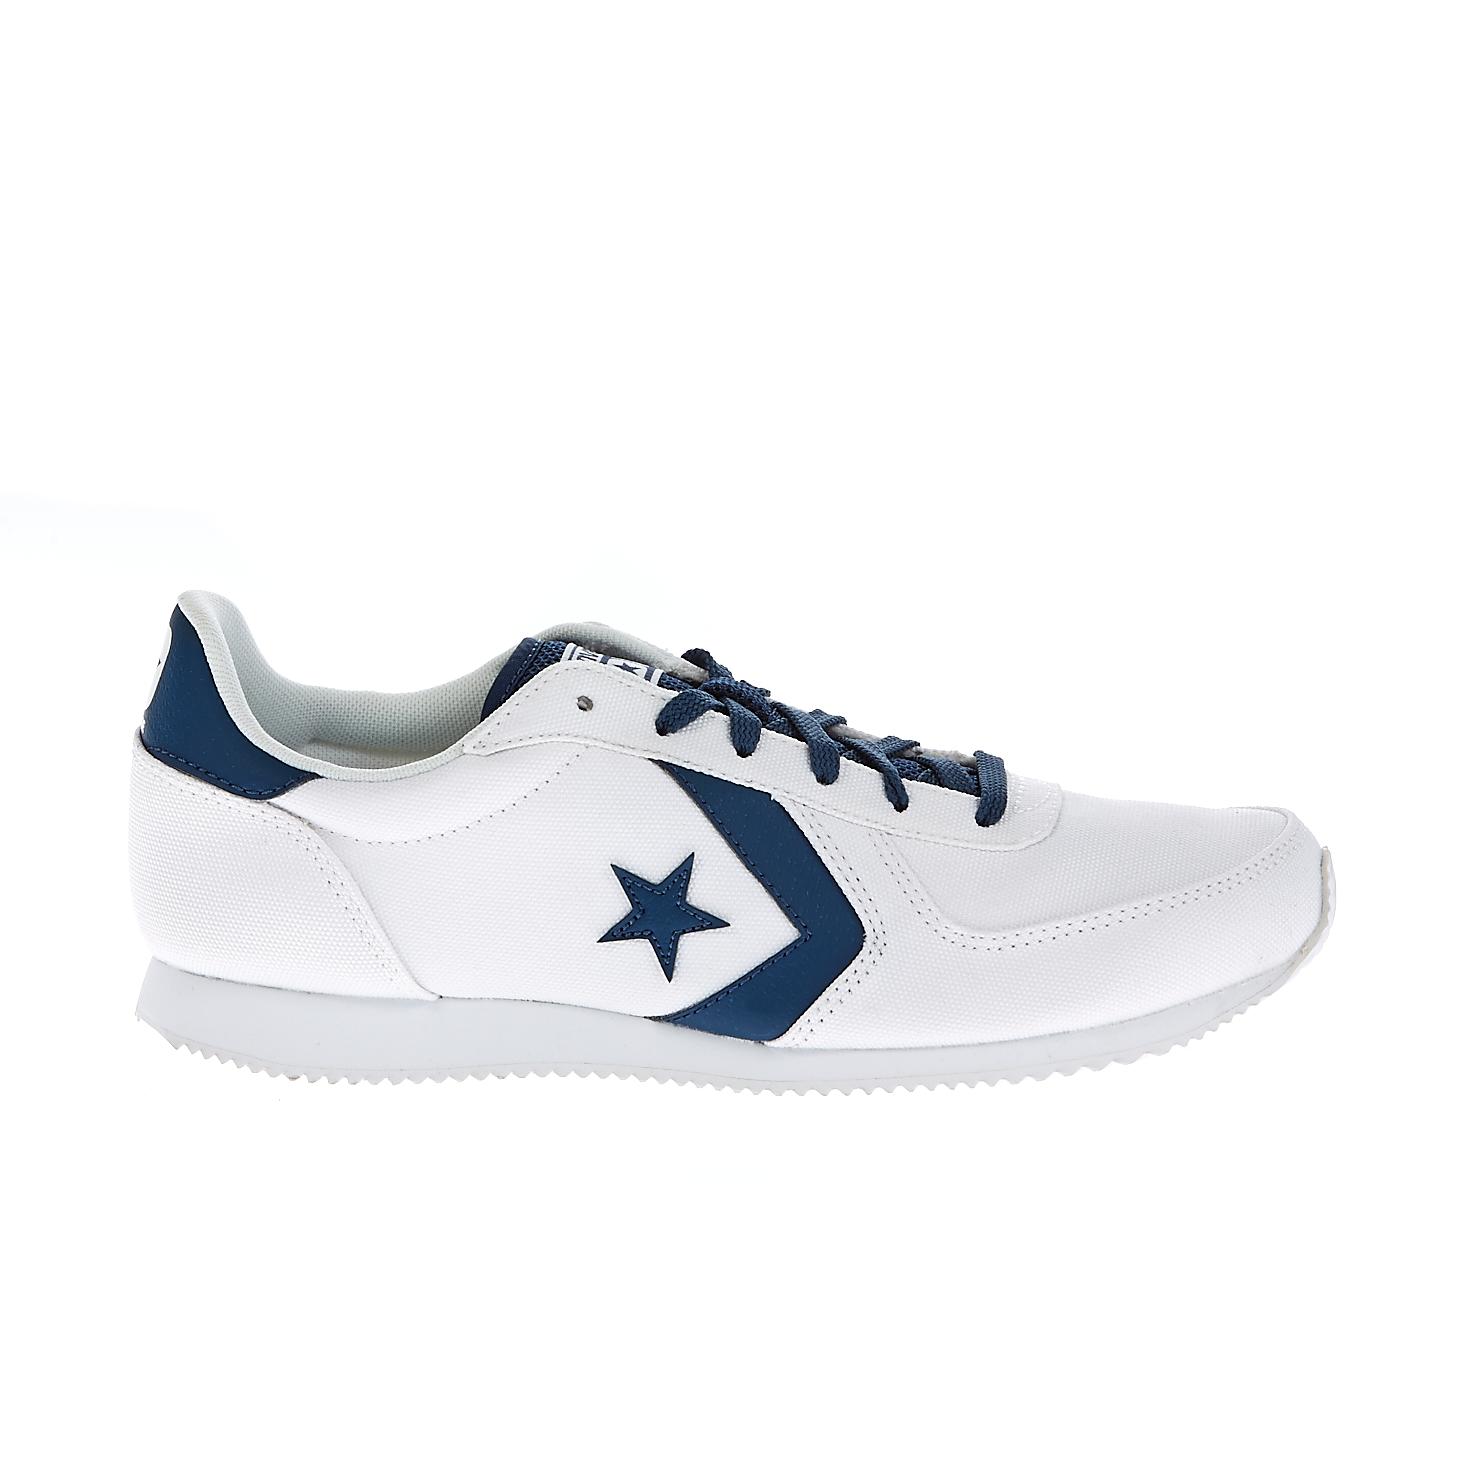 CONVERSE - Unisex παπούτσια Arizona Racer λευκά